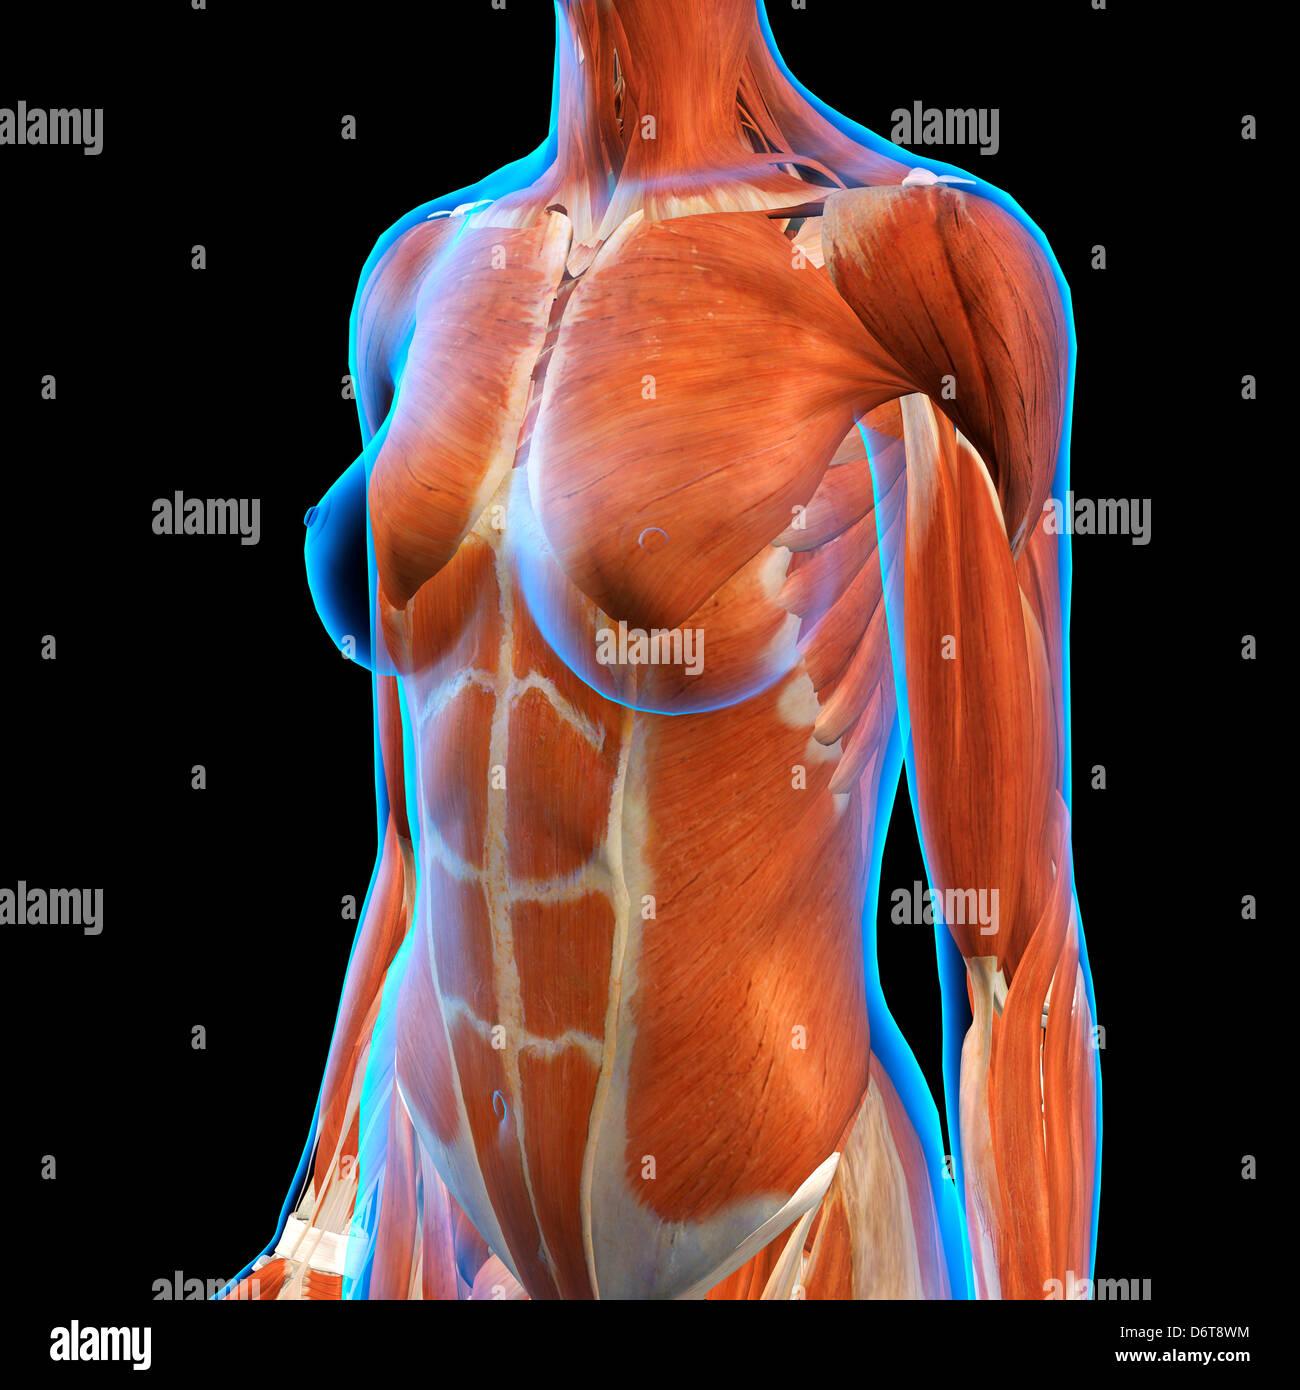 Weibliche Brust Abdominal-Muskeln Anatomie in blau Röntgen Umriss ...